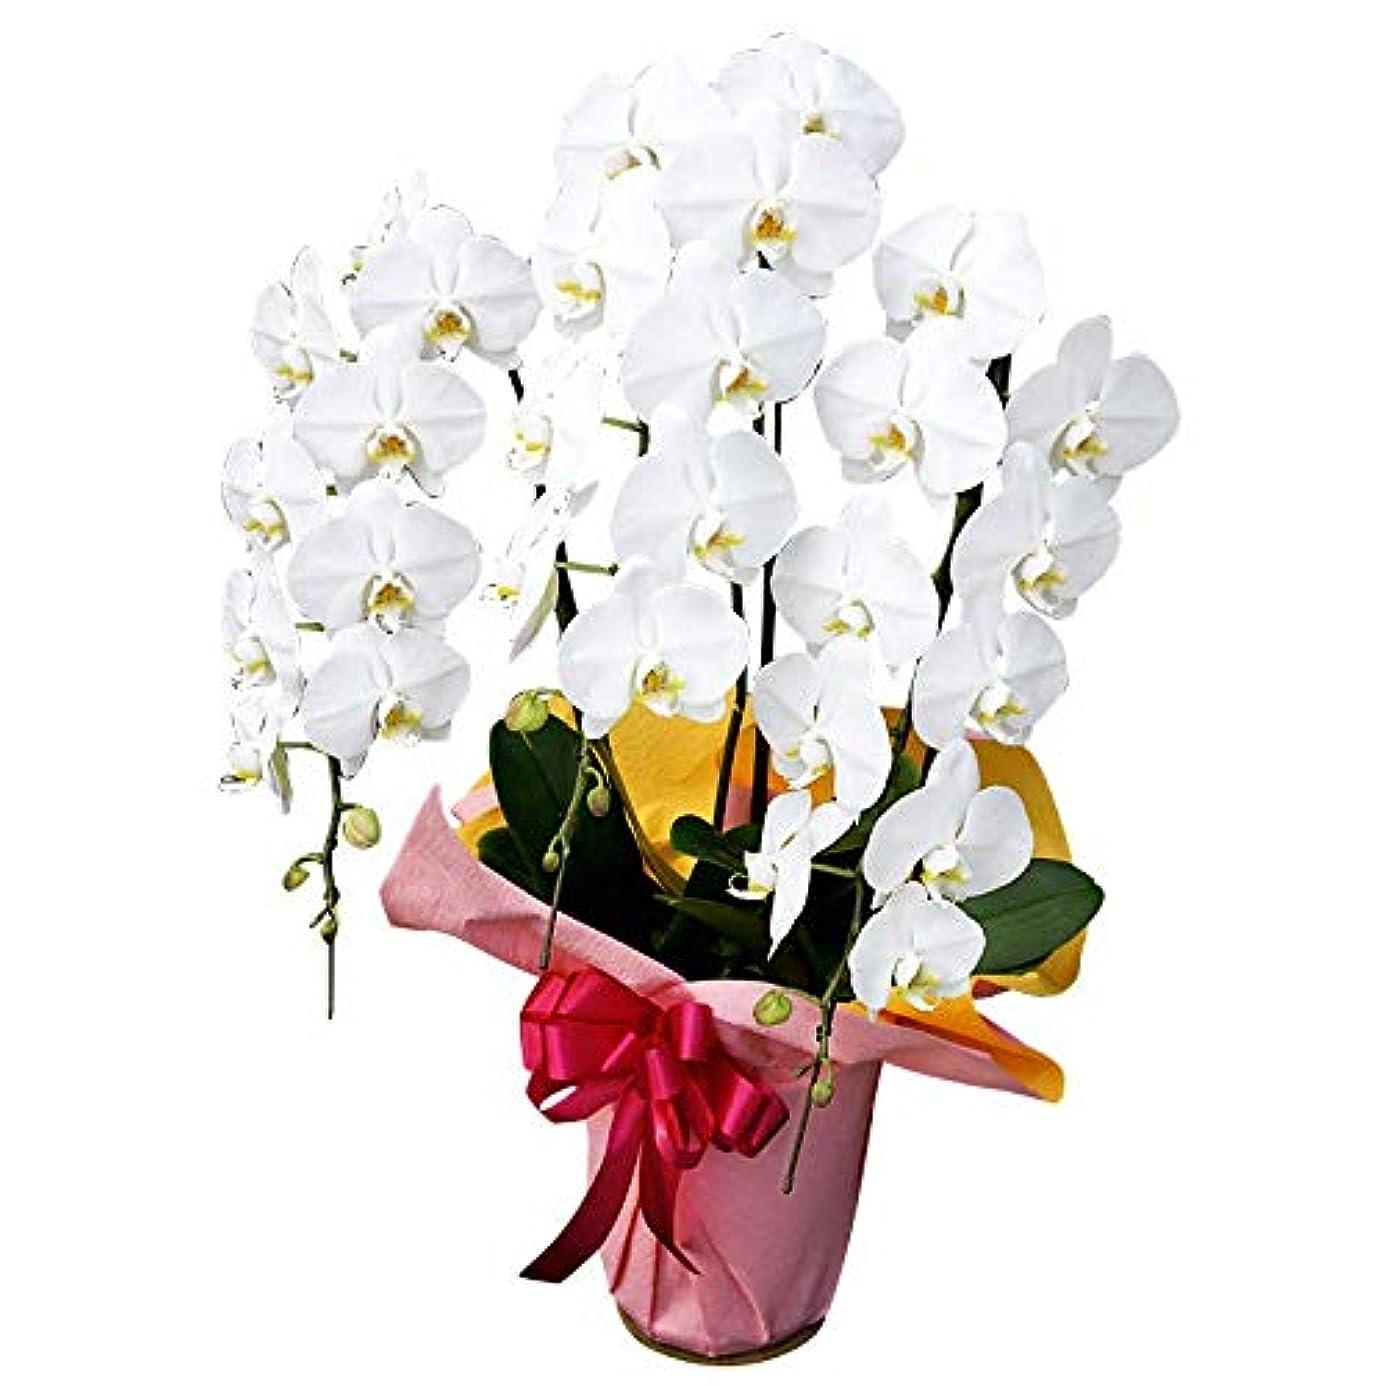 グレートオーク雪だるま回想開店祝い 花 胡蝶蘭 リーズナブルなのに豪華 期日指定可能商品